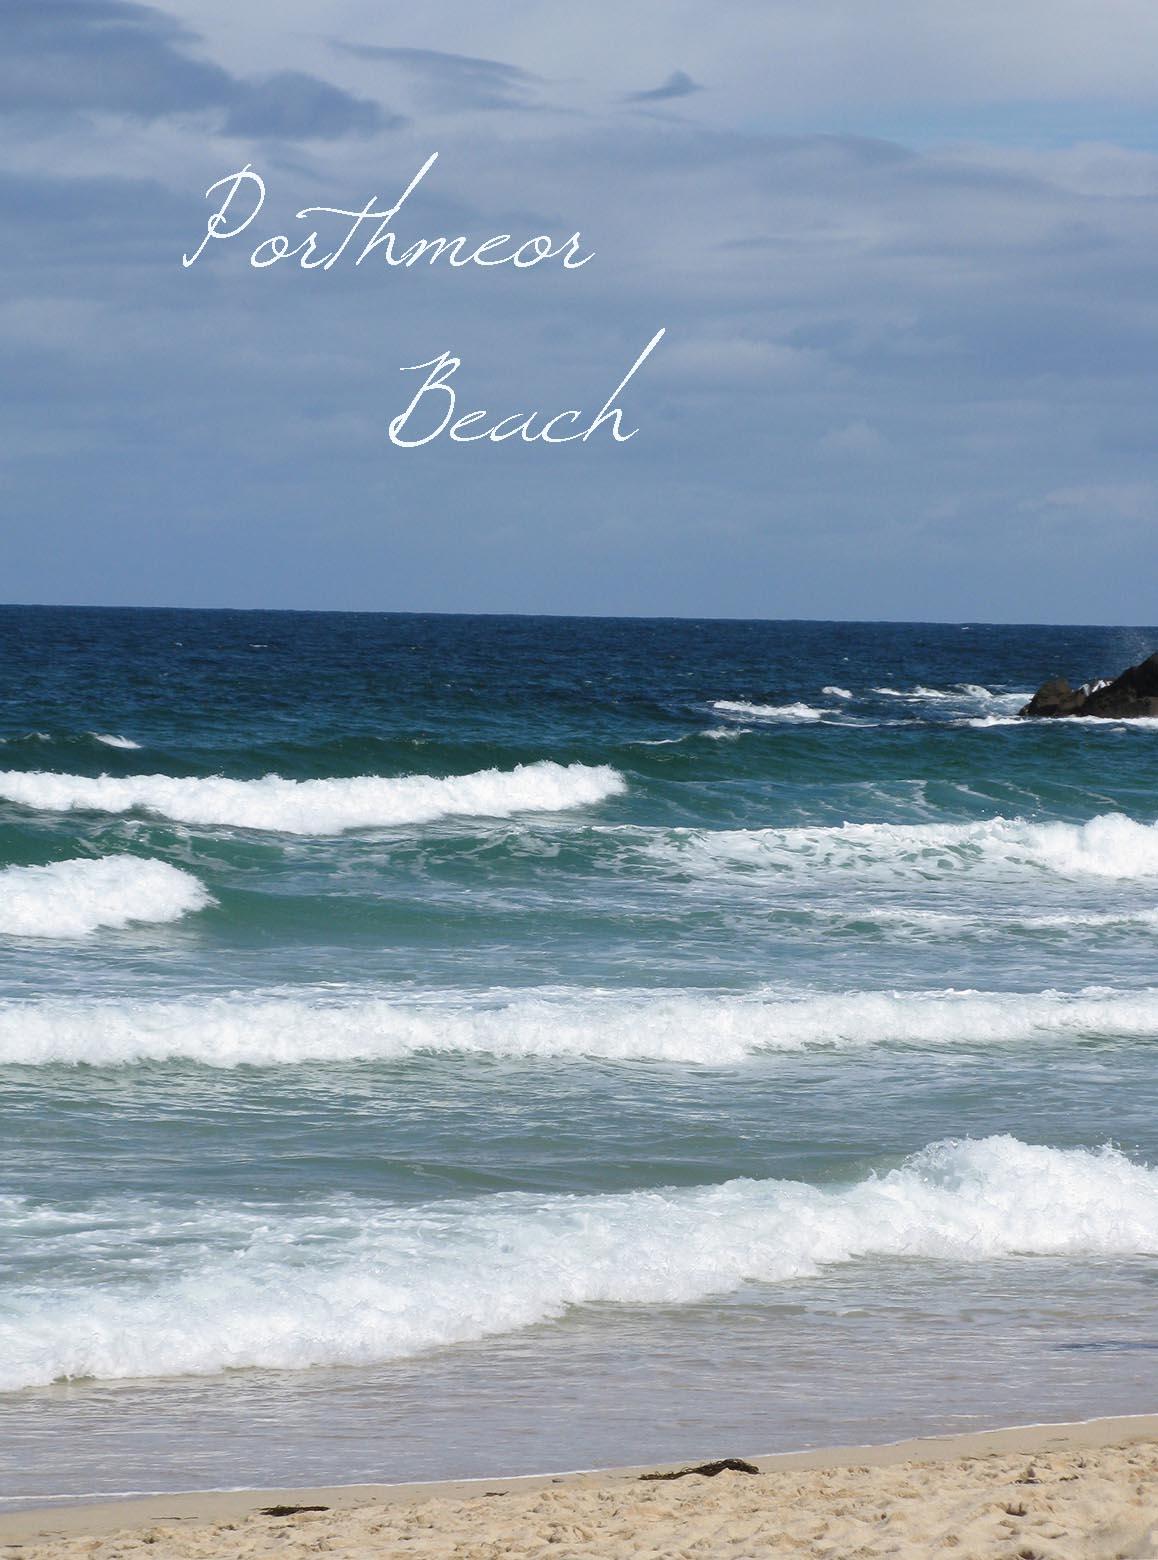 Porthmeor Beach, St Ives.